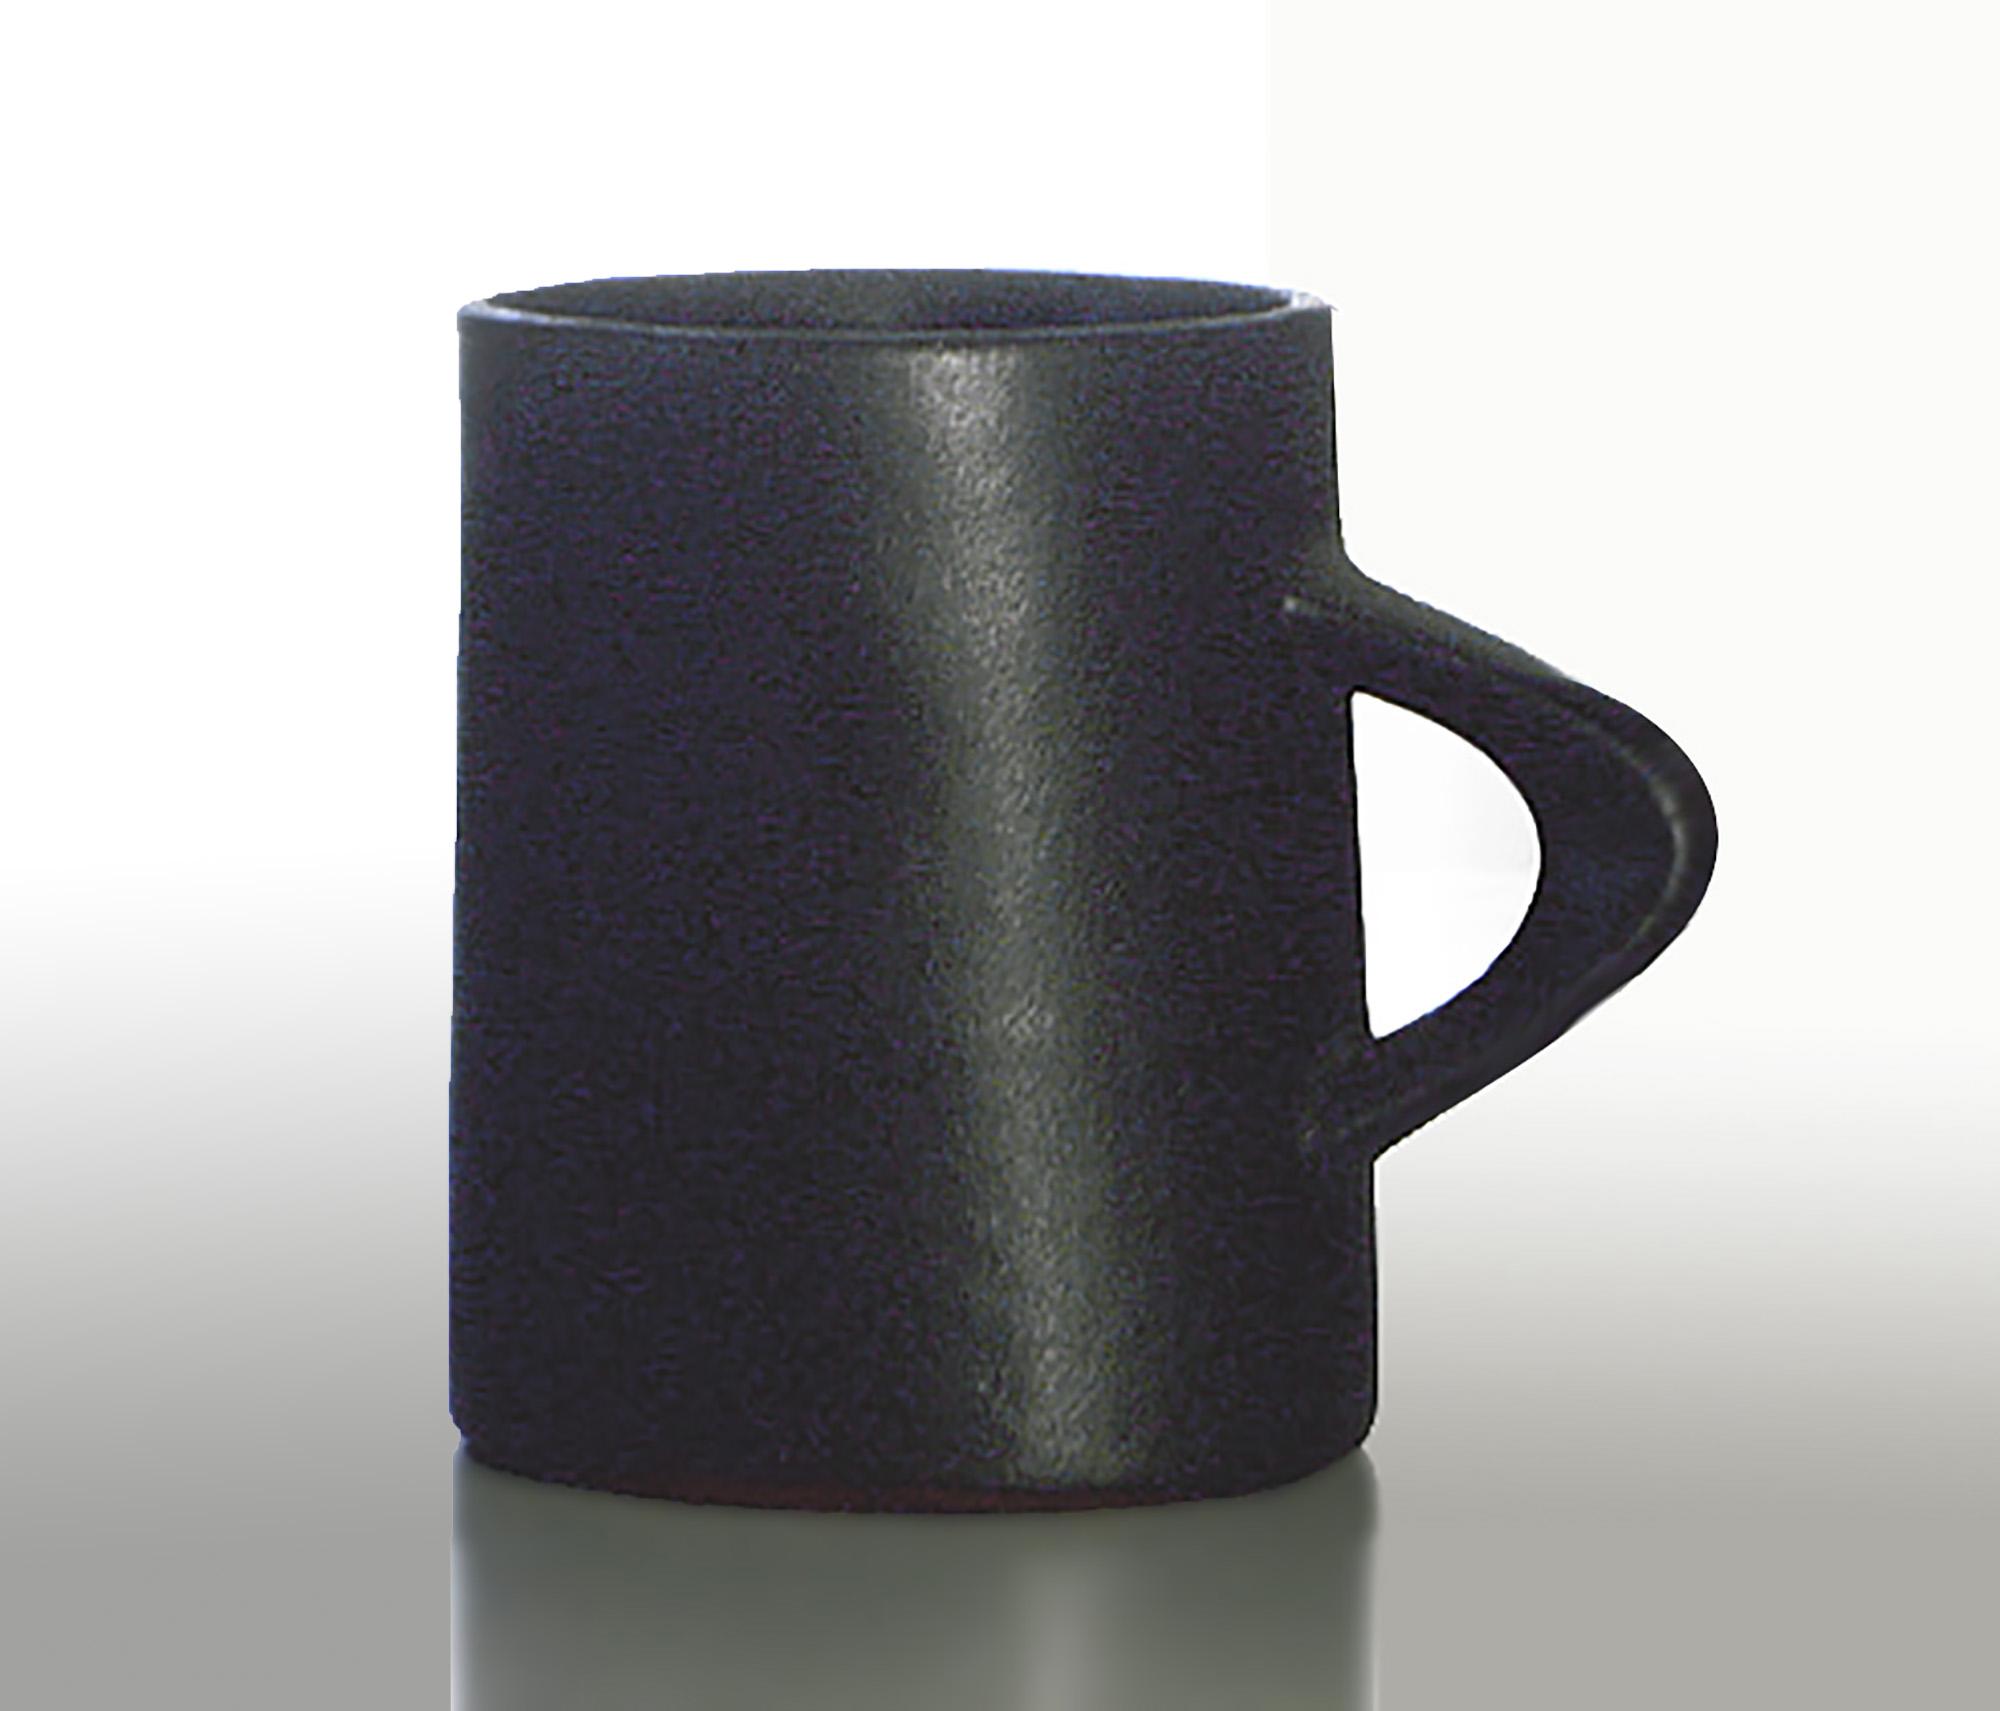 Reversed Oval Mug in Matte Ebony Glaze